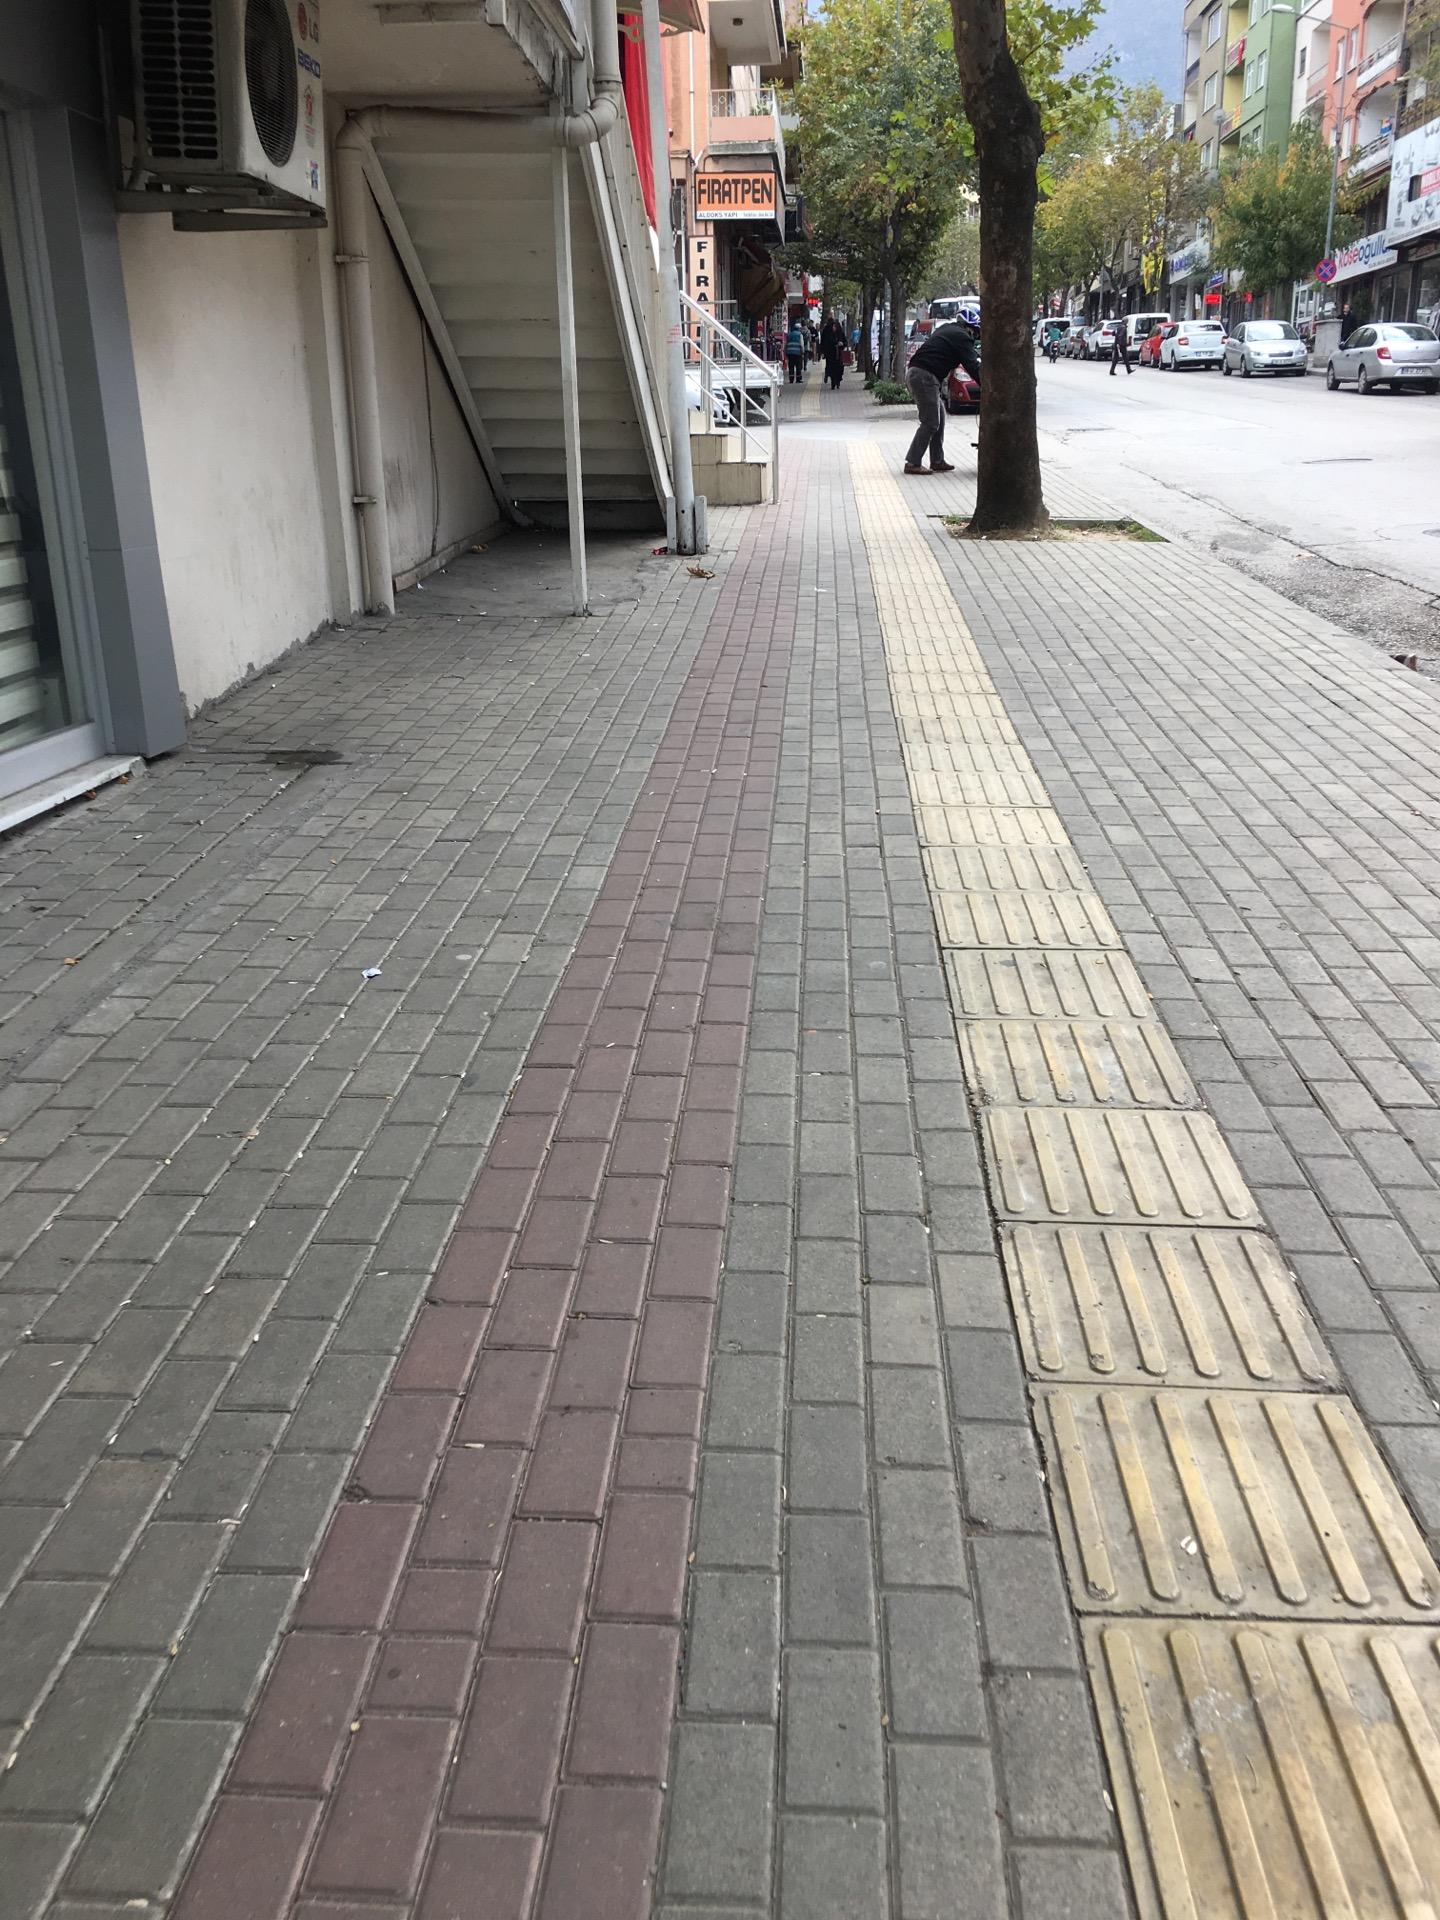 Halk Eğitim Merkezi ve Aso Müd. | 152 Evler Profesör Tezok Caddesi, 16320 Yıldırım/Bursa | +90 224 366 36 19